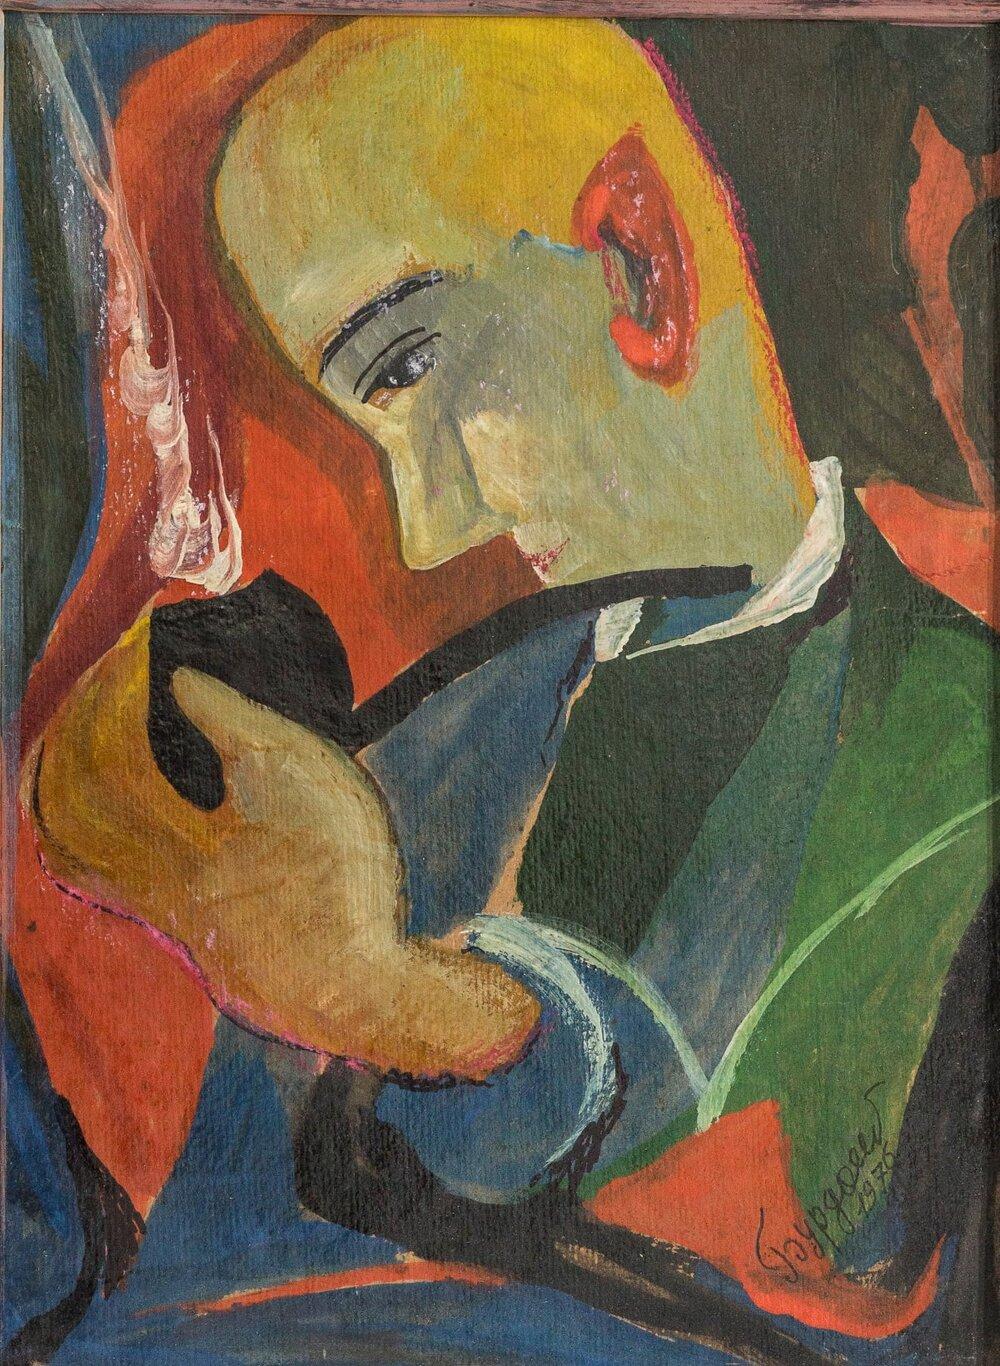 Олена Бурдаш. Пам'ять. 1976 р. Зібрання Музею сучасного українського мистецтва Корсаків